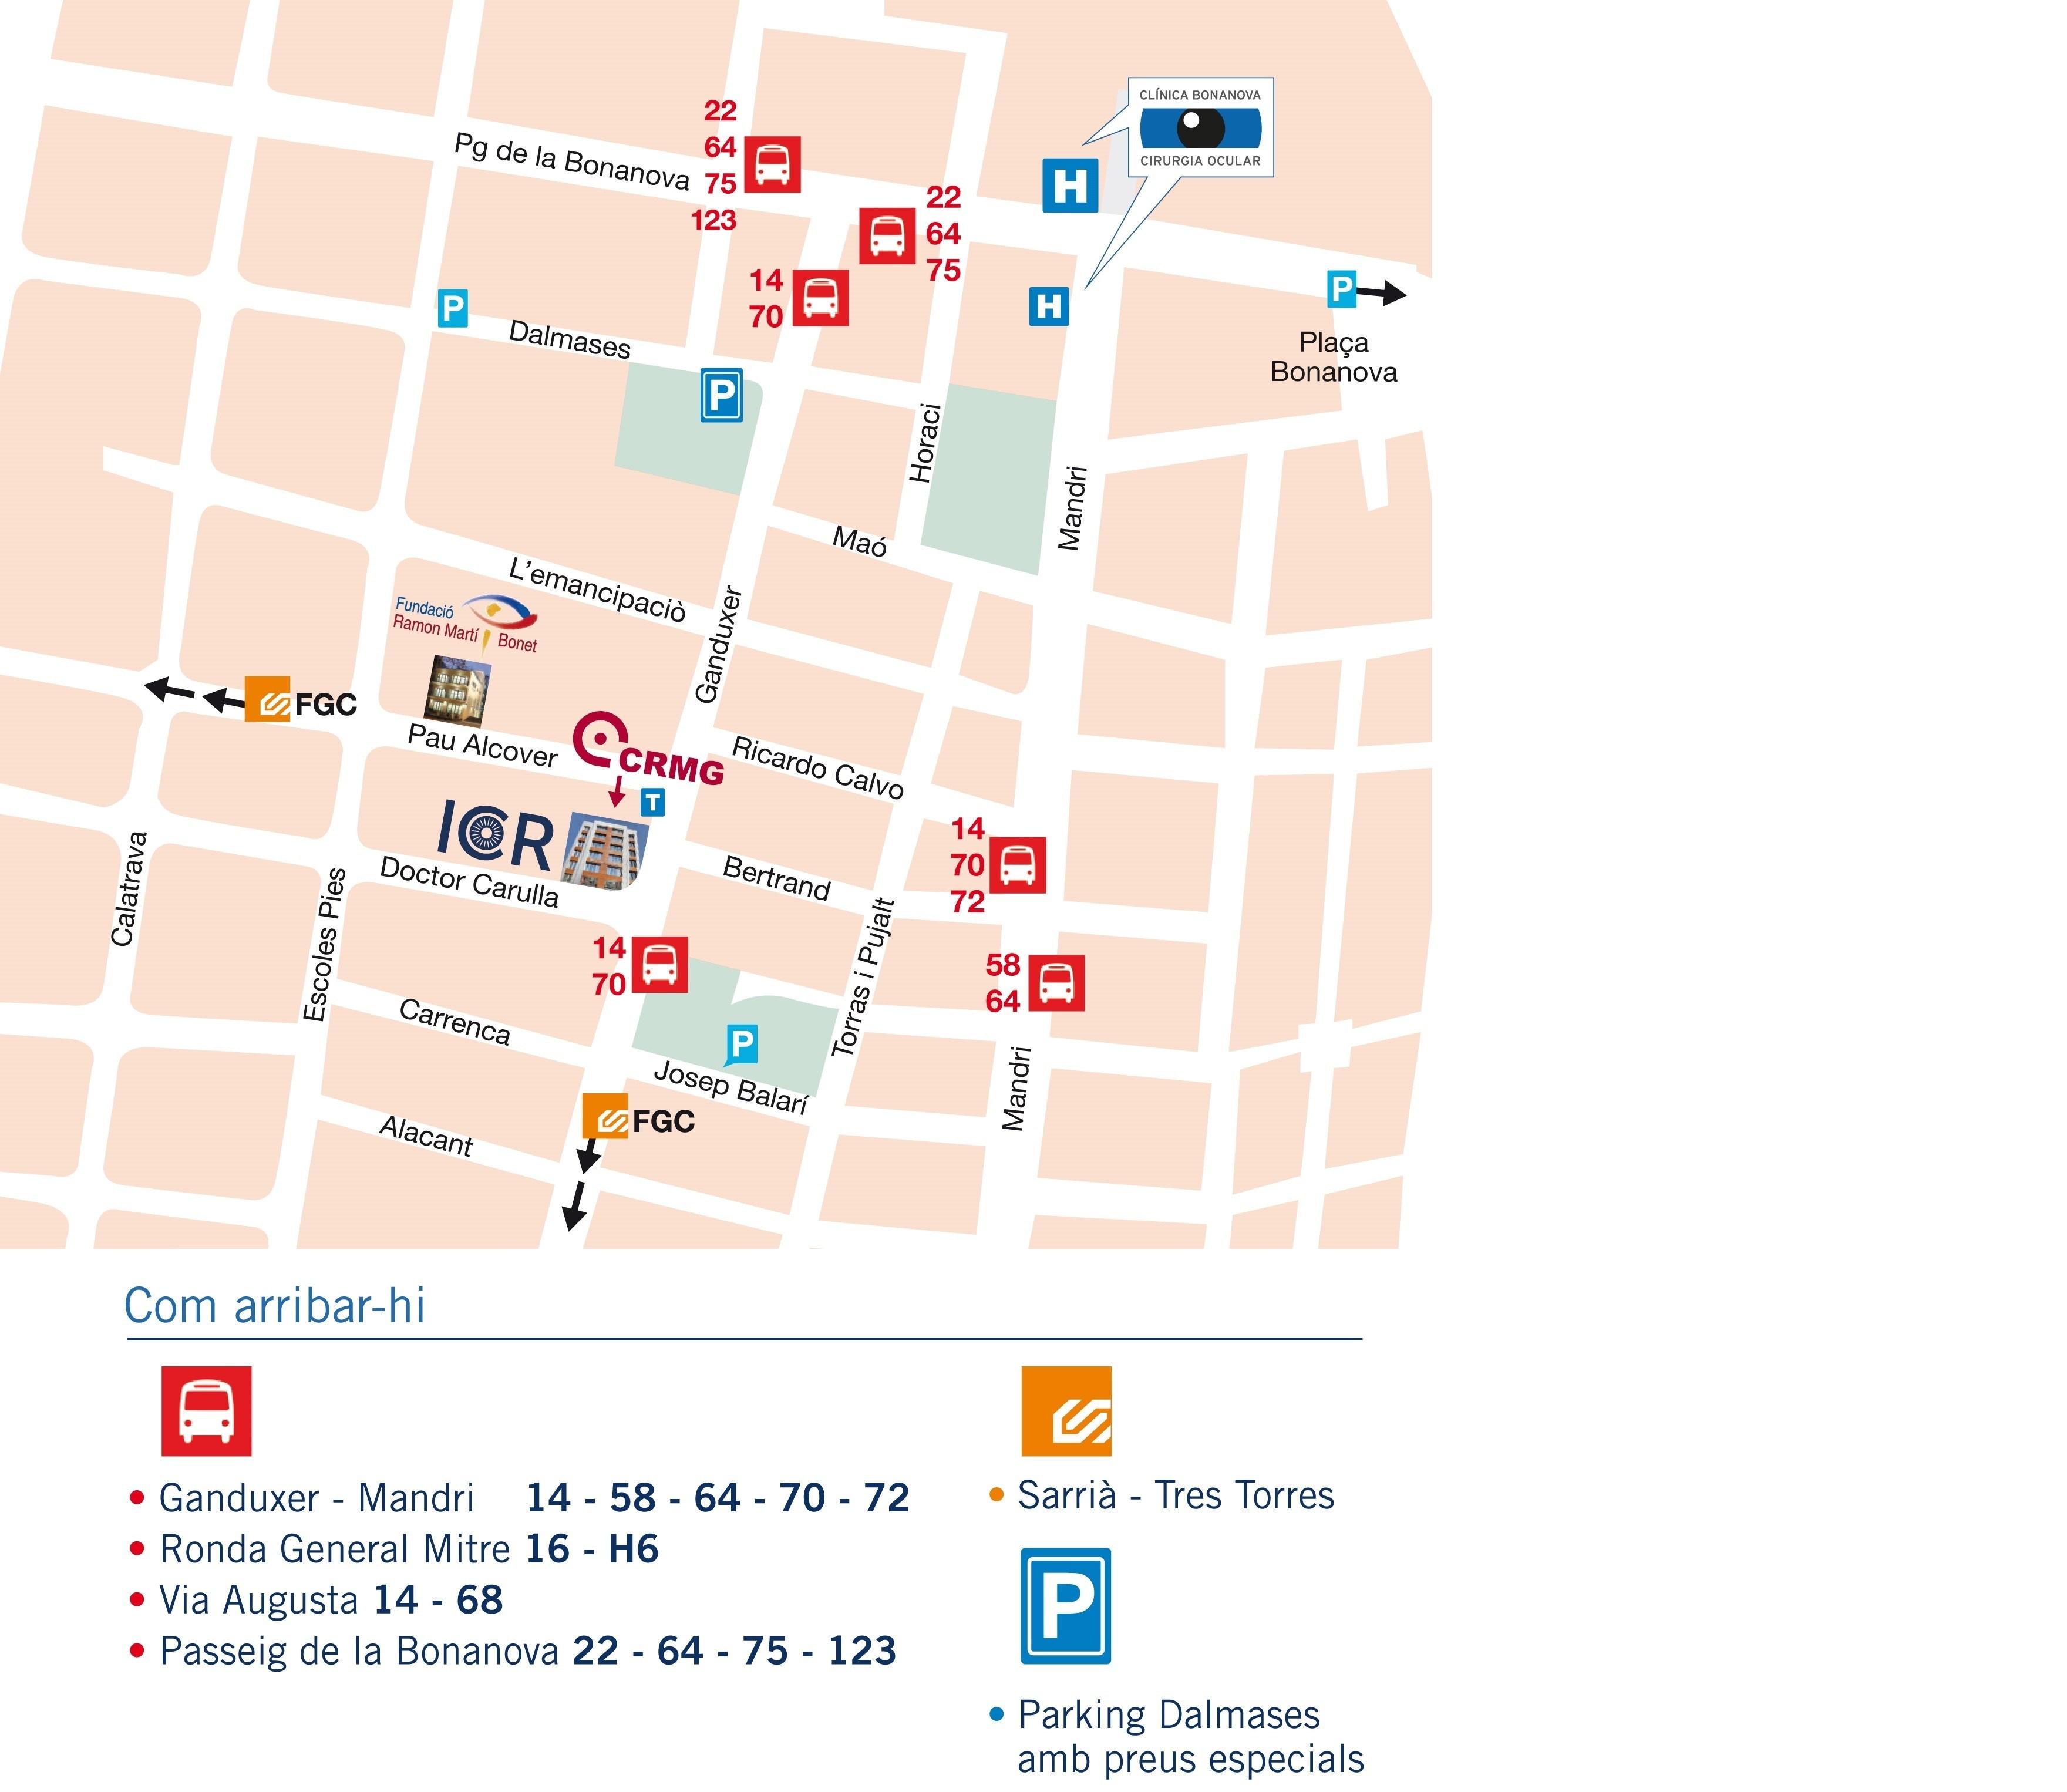 mapa-com-arribar-hi11